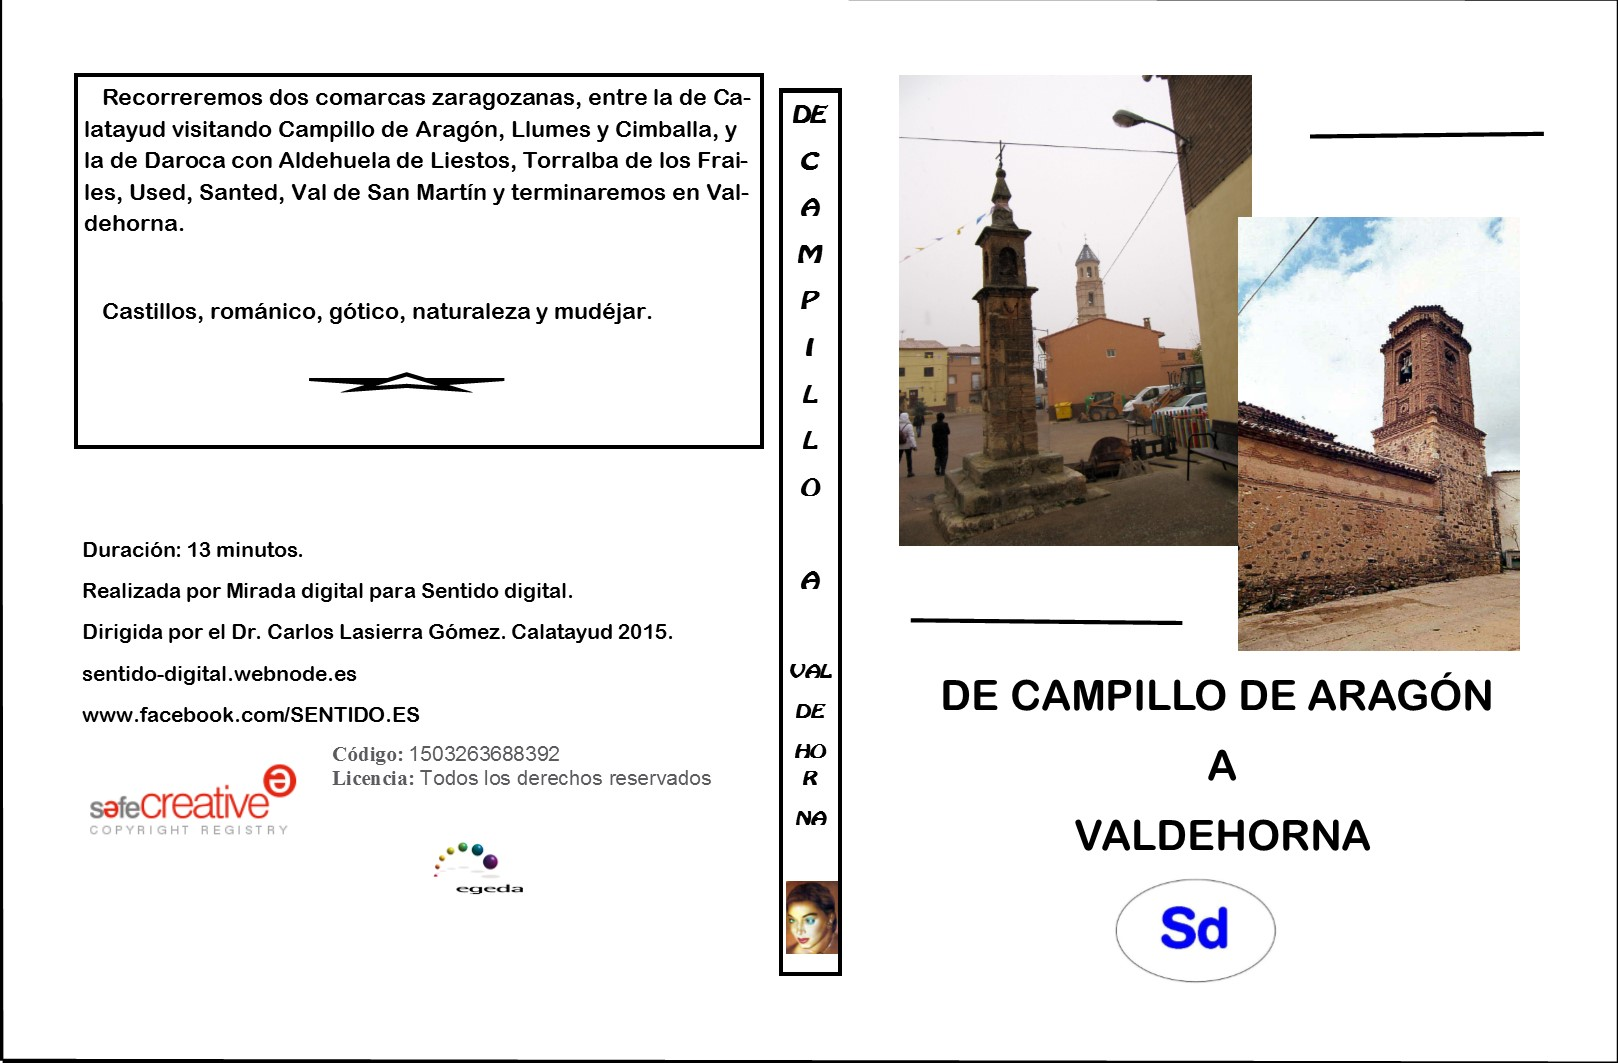 De Campillo a Valdehorna.